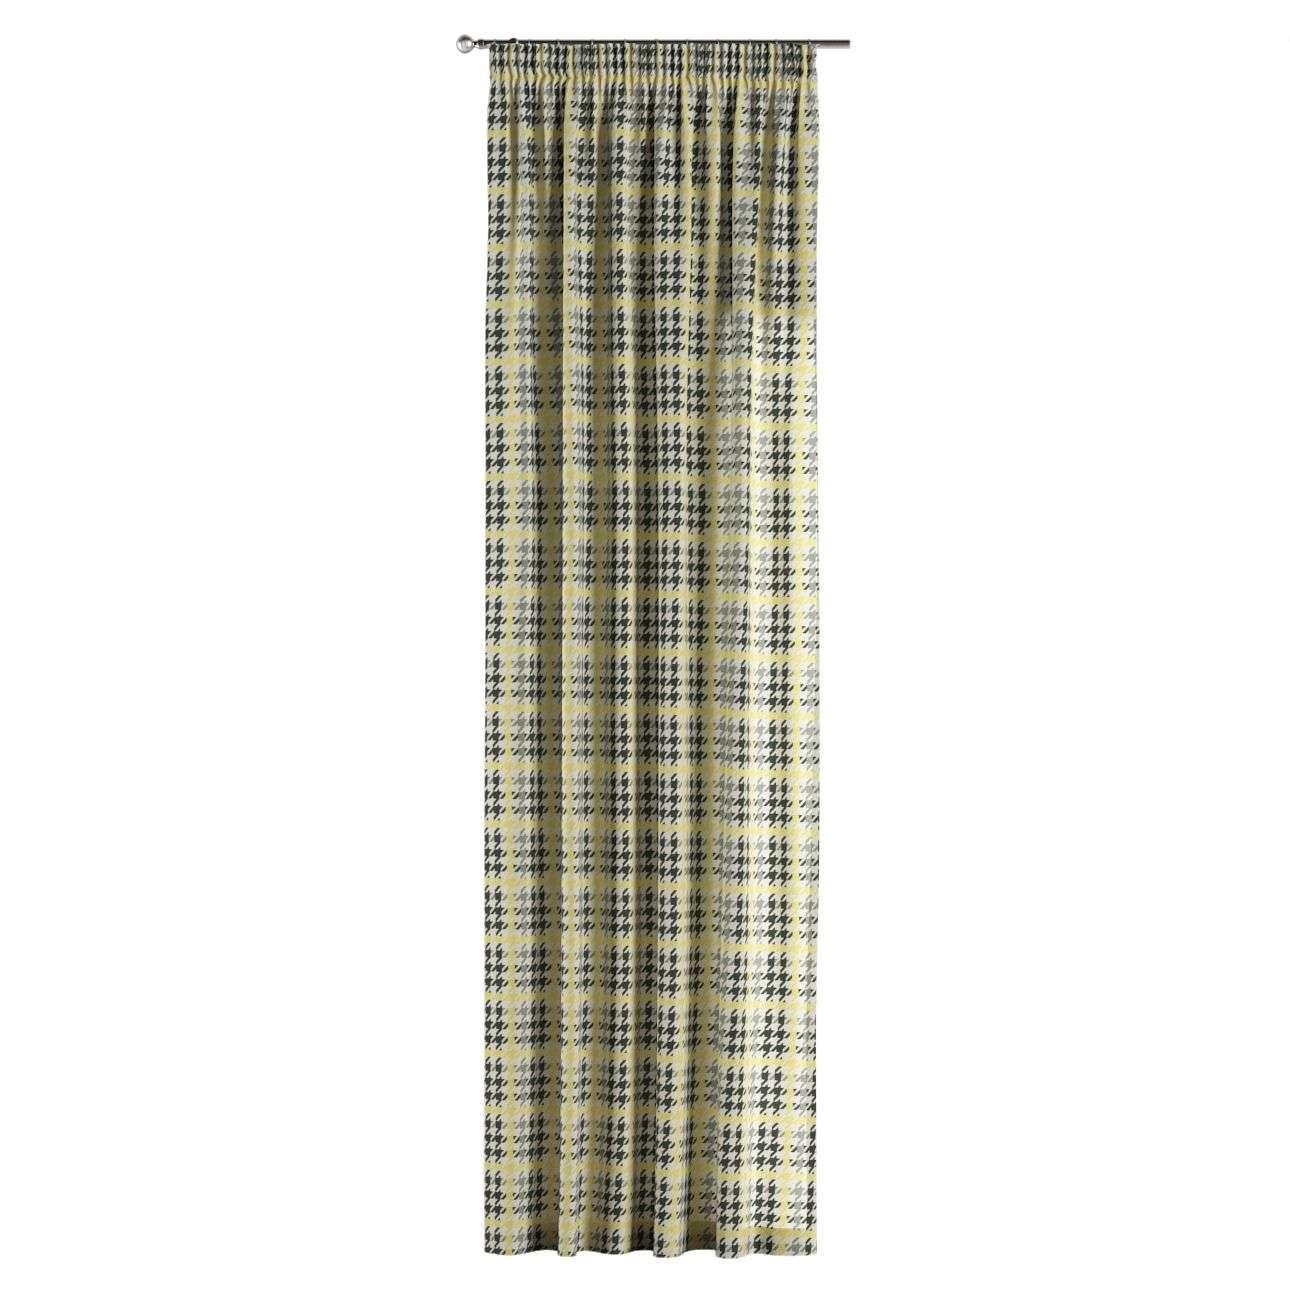 Vorhang mit Kräuselband 1 Stck. 130 x 260 cm von der Kollektion Brooklyn, Stoff: 137-79